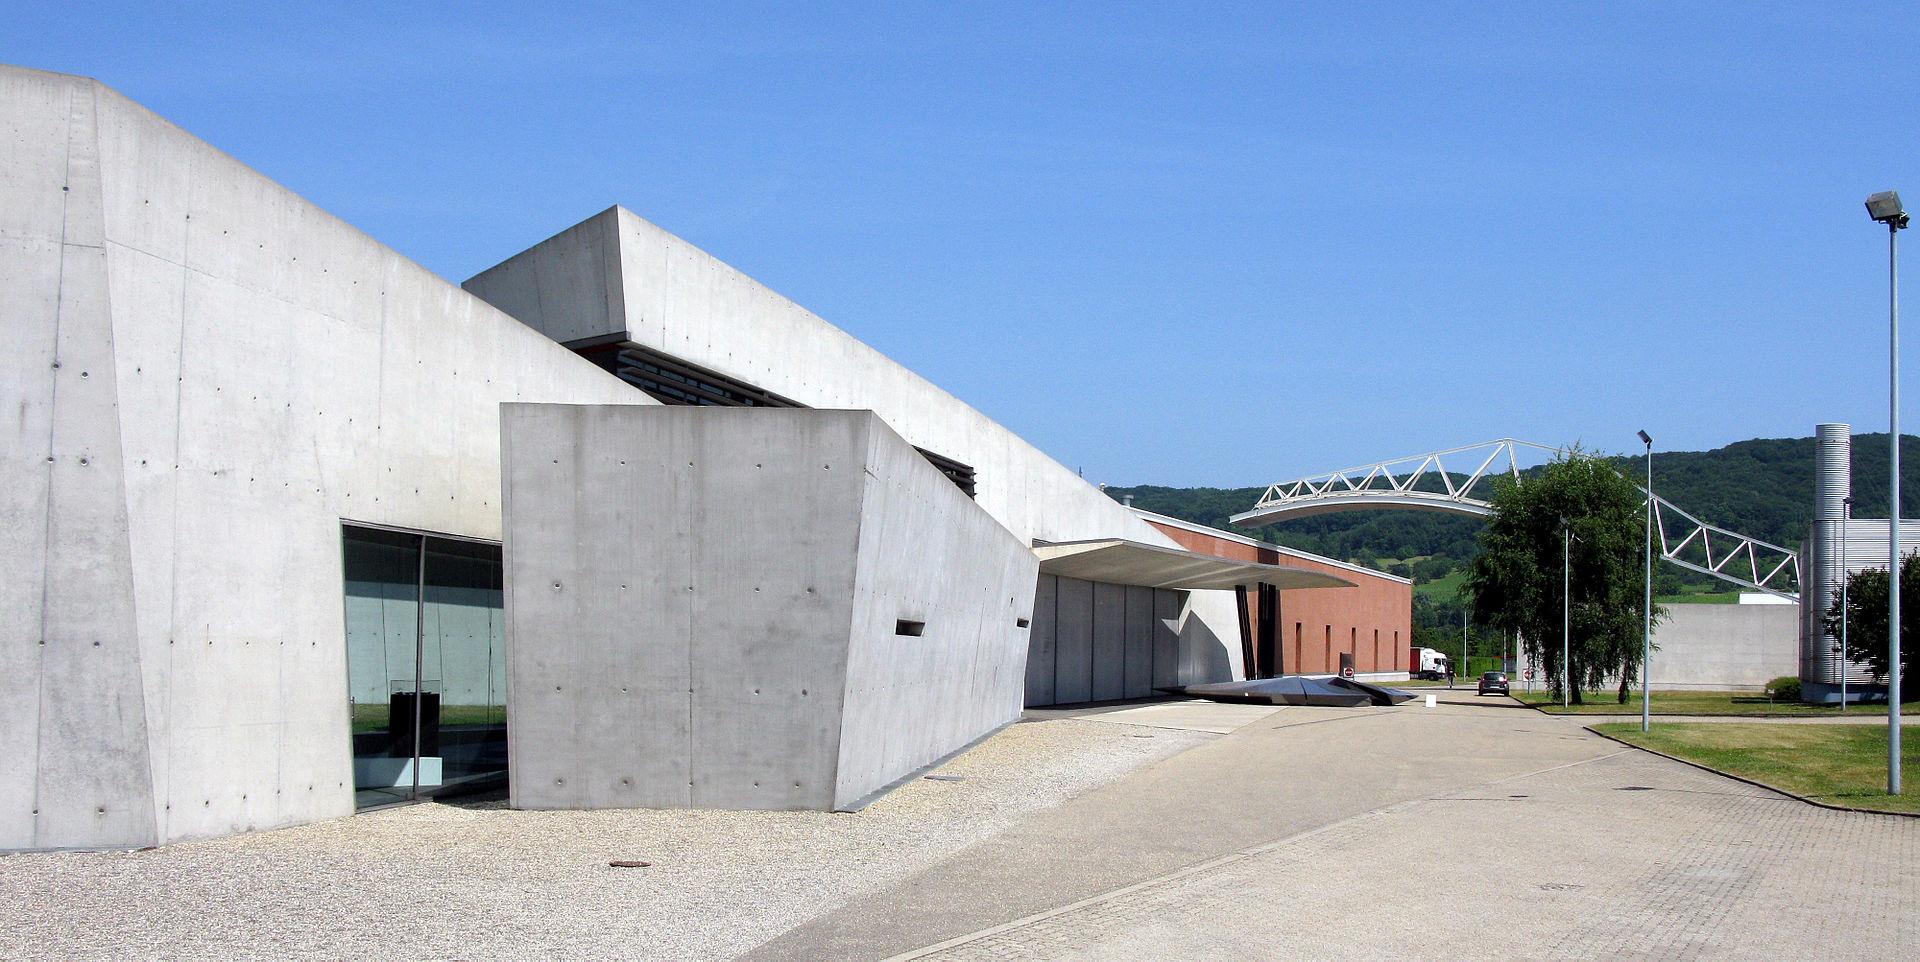 Vitra_Feuerwehrhaus_von_Zaha_Hadid_in_Weil_am_Rhein_8.jpg